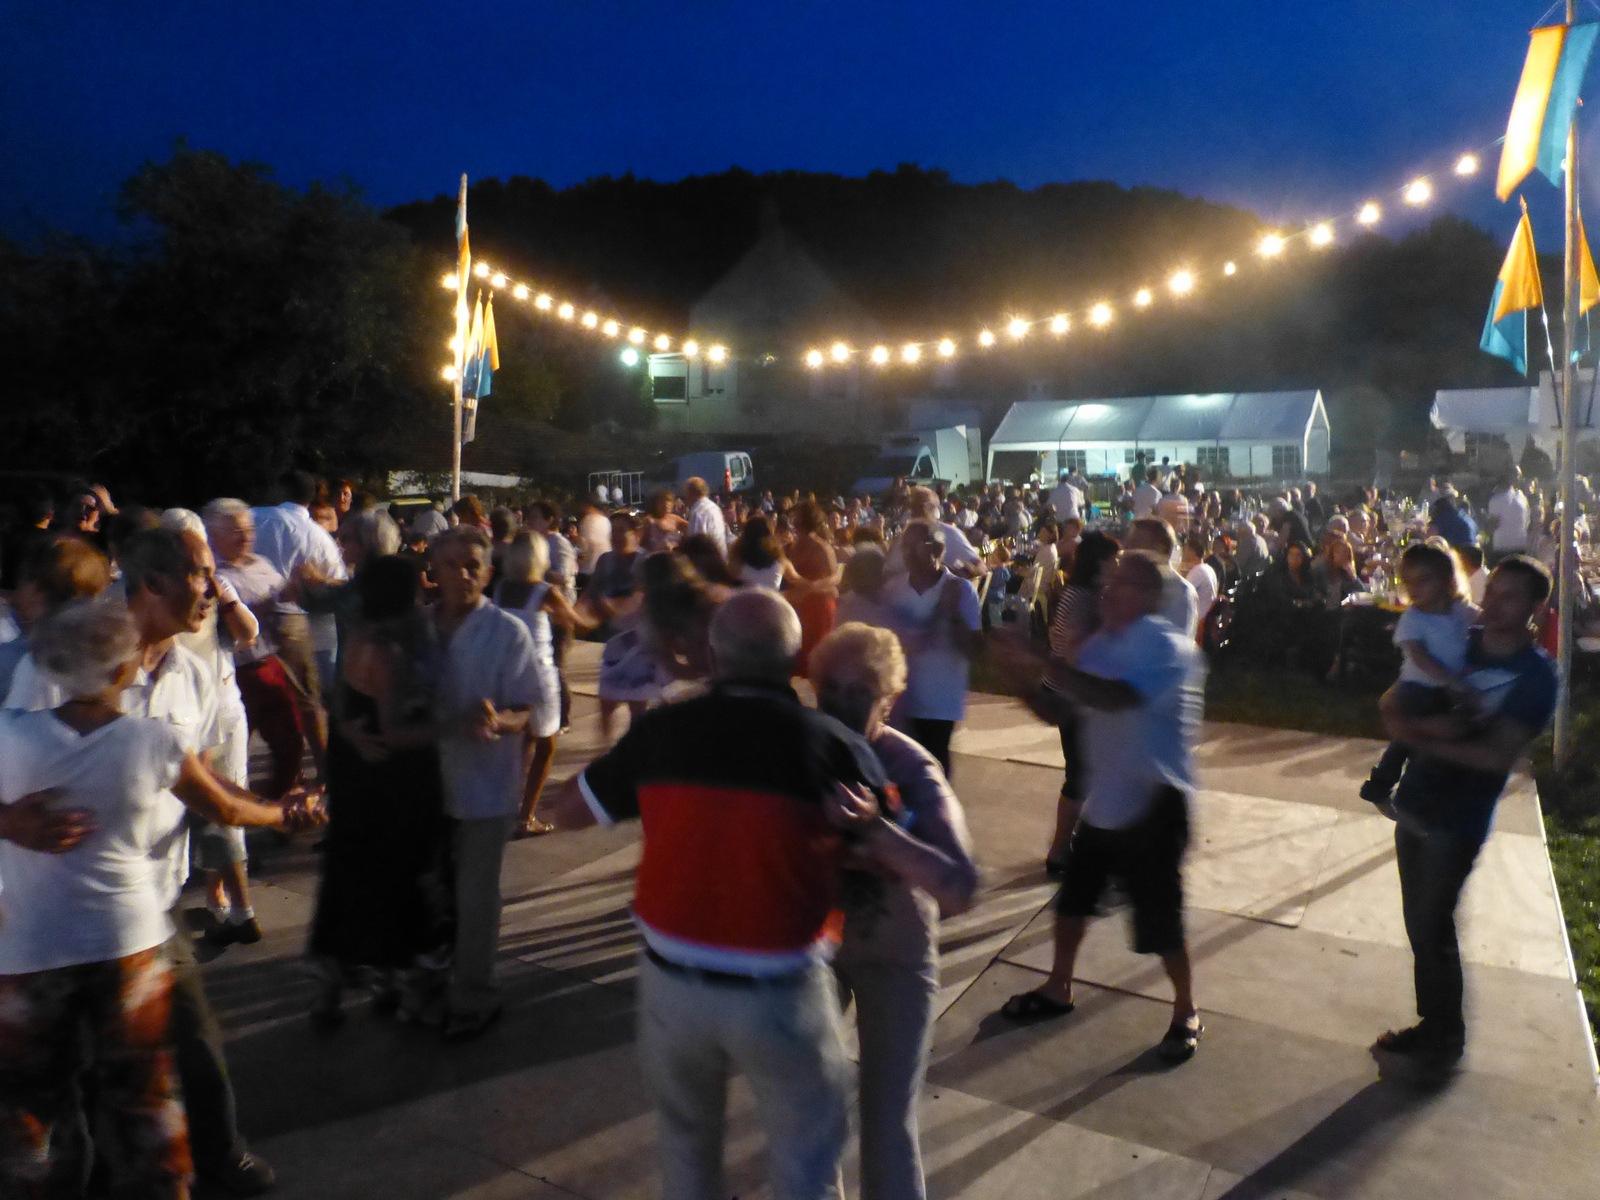 Jour de fête à Russilly, le 30 juillet